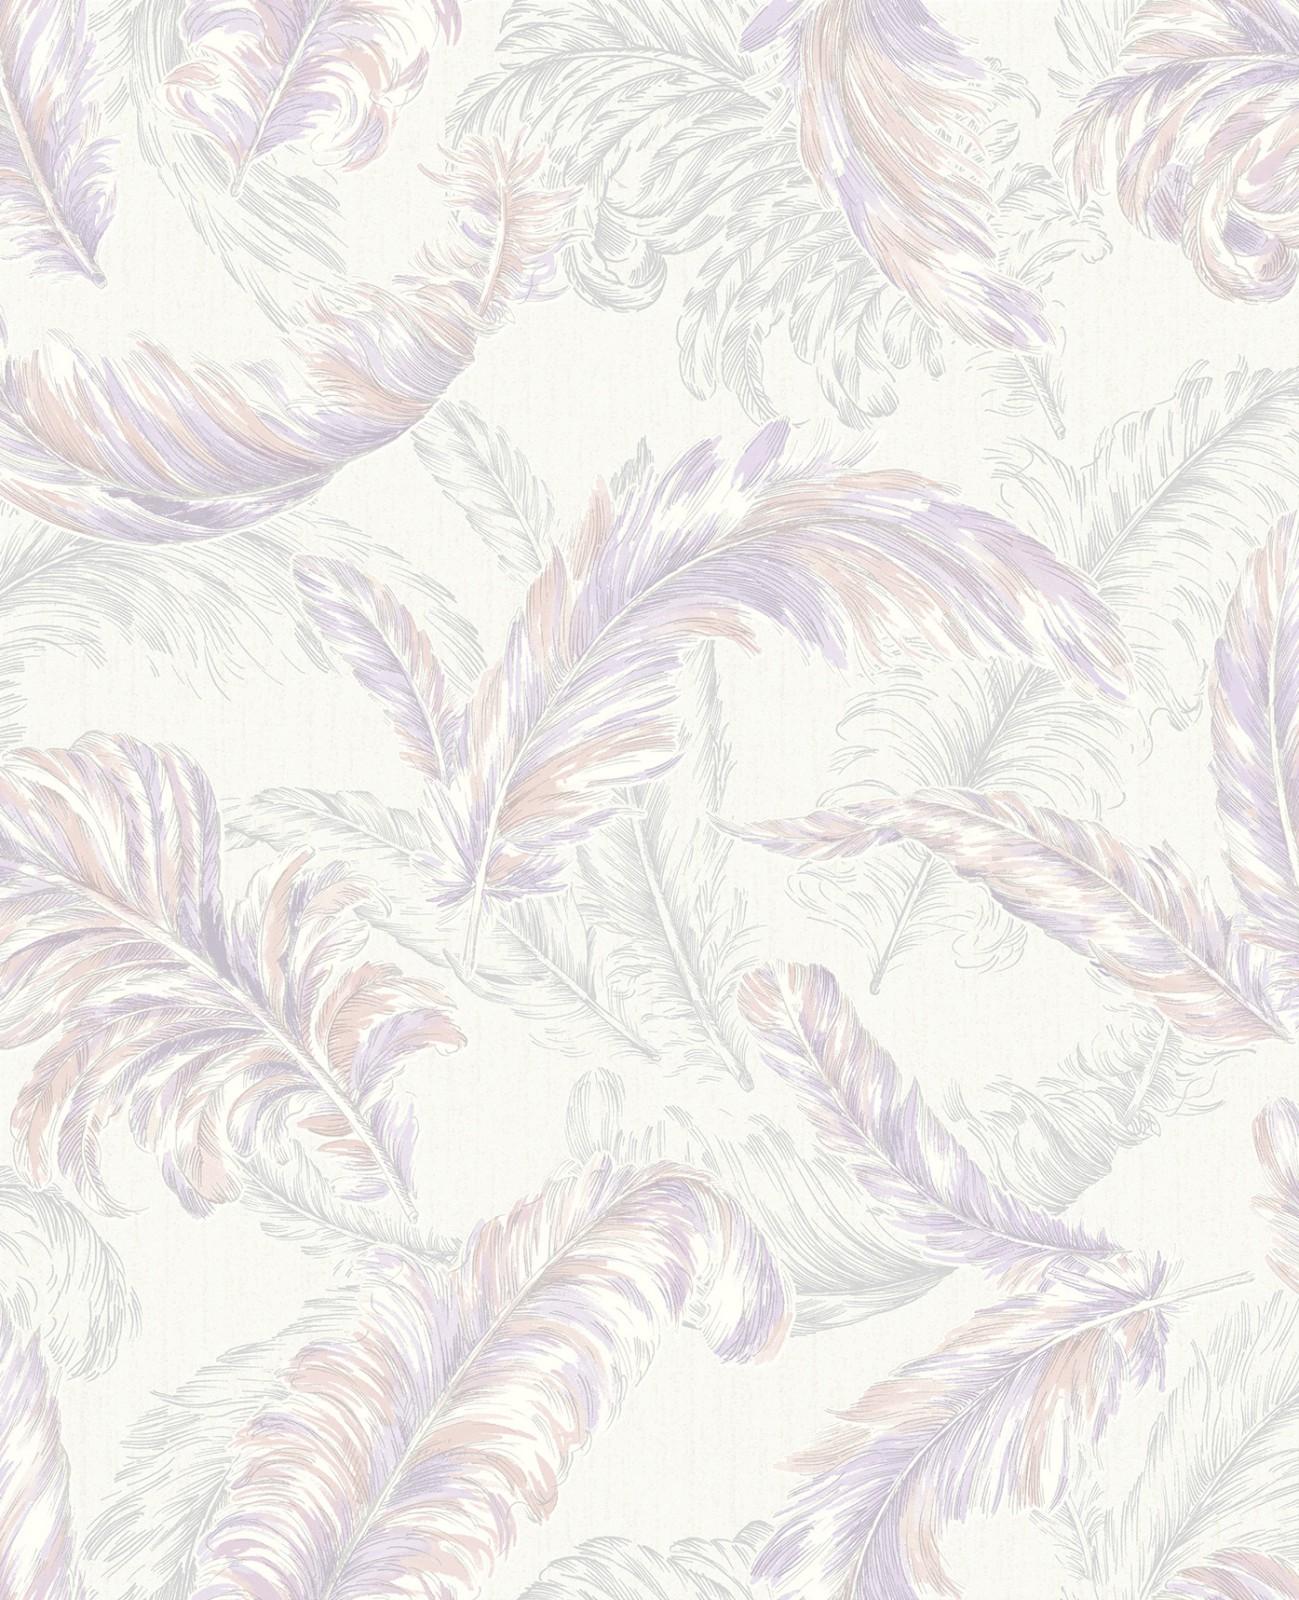 Vliestapete Julien Macdonald : Vliestapete Natur Federn lila silber Graham & Brown Glitterati 32-948